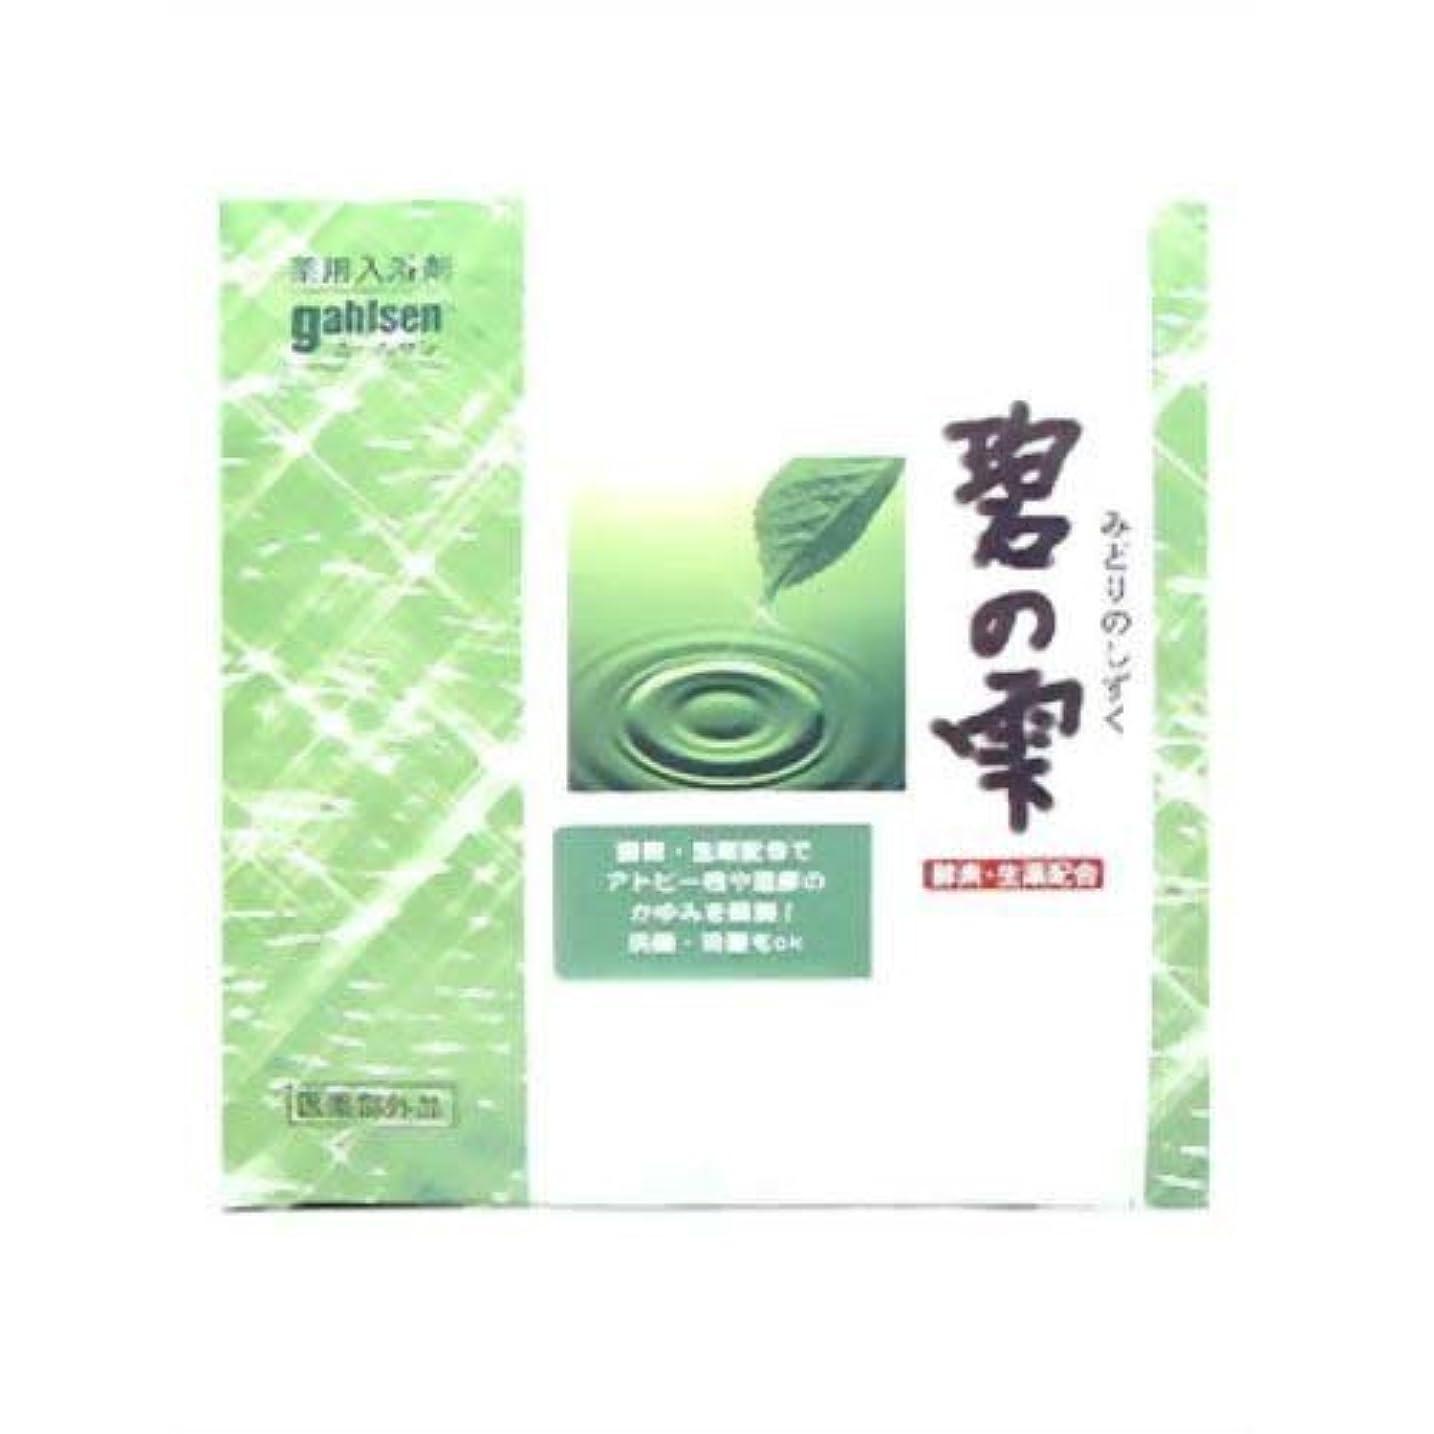 を必要としています俳句手段東海美商 酵素入浴剤ガールセン「碧の雫」 20g×48包